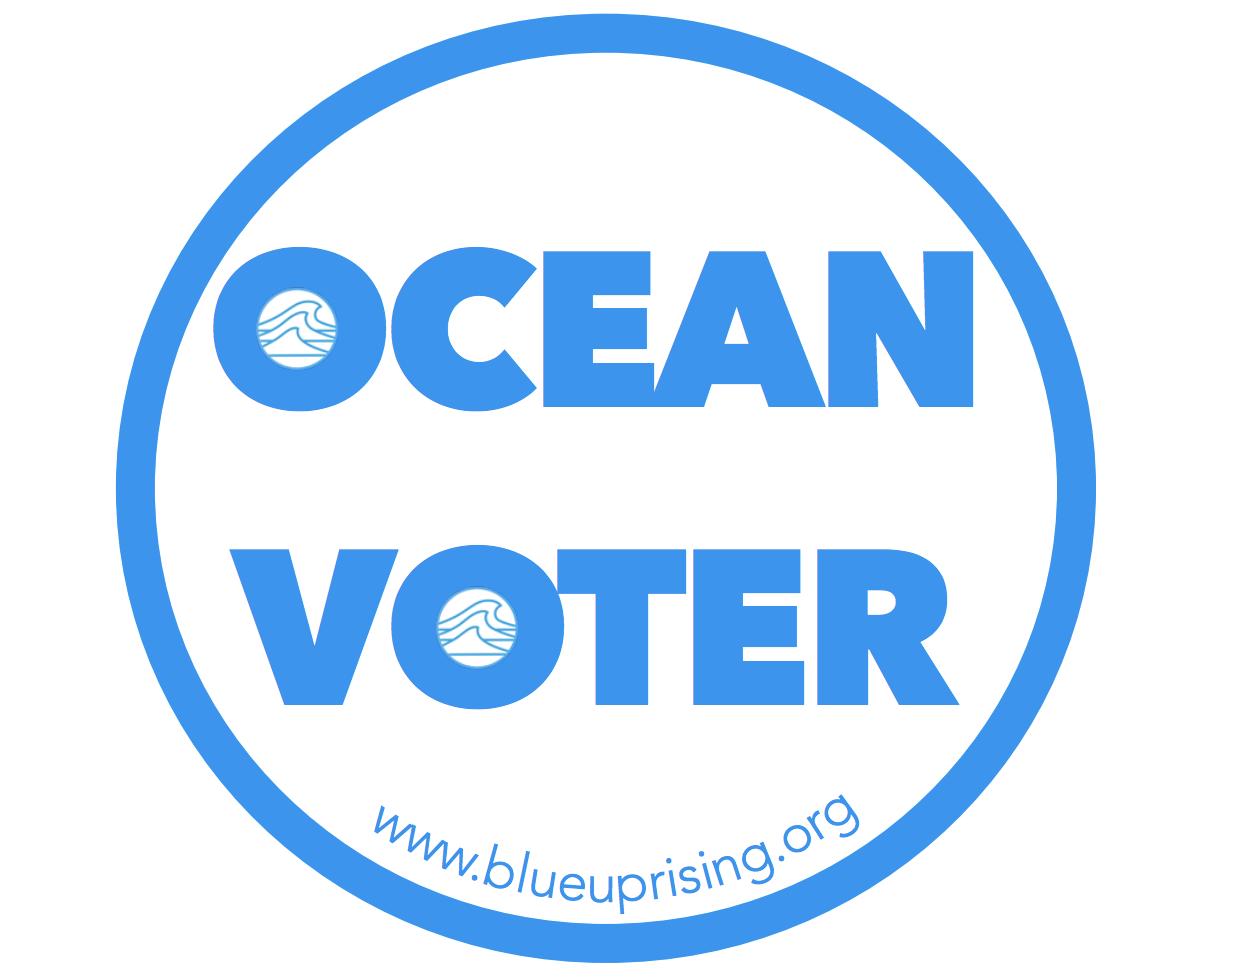 Ocean Voter